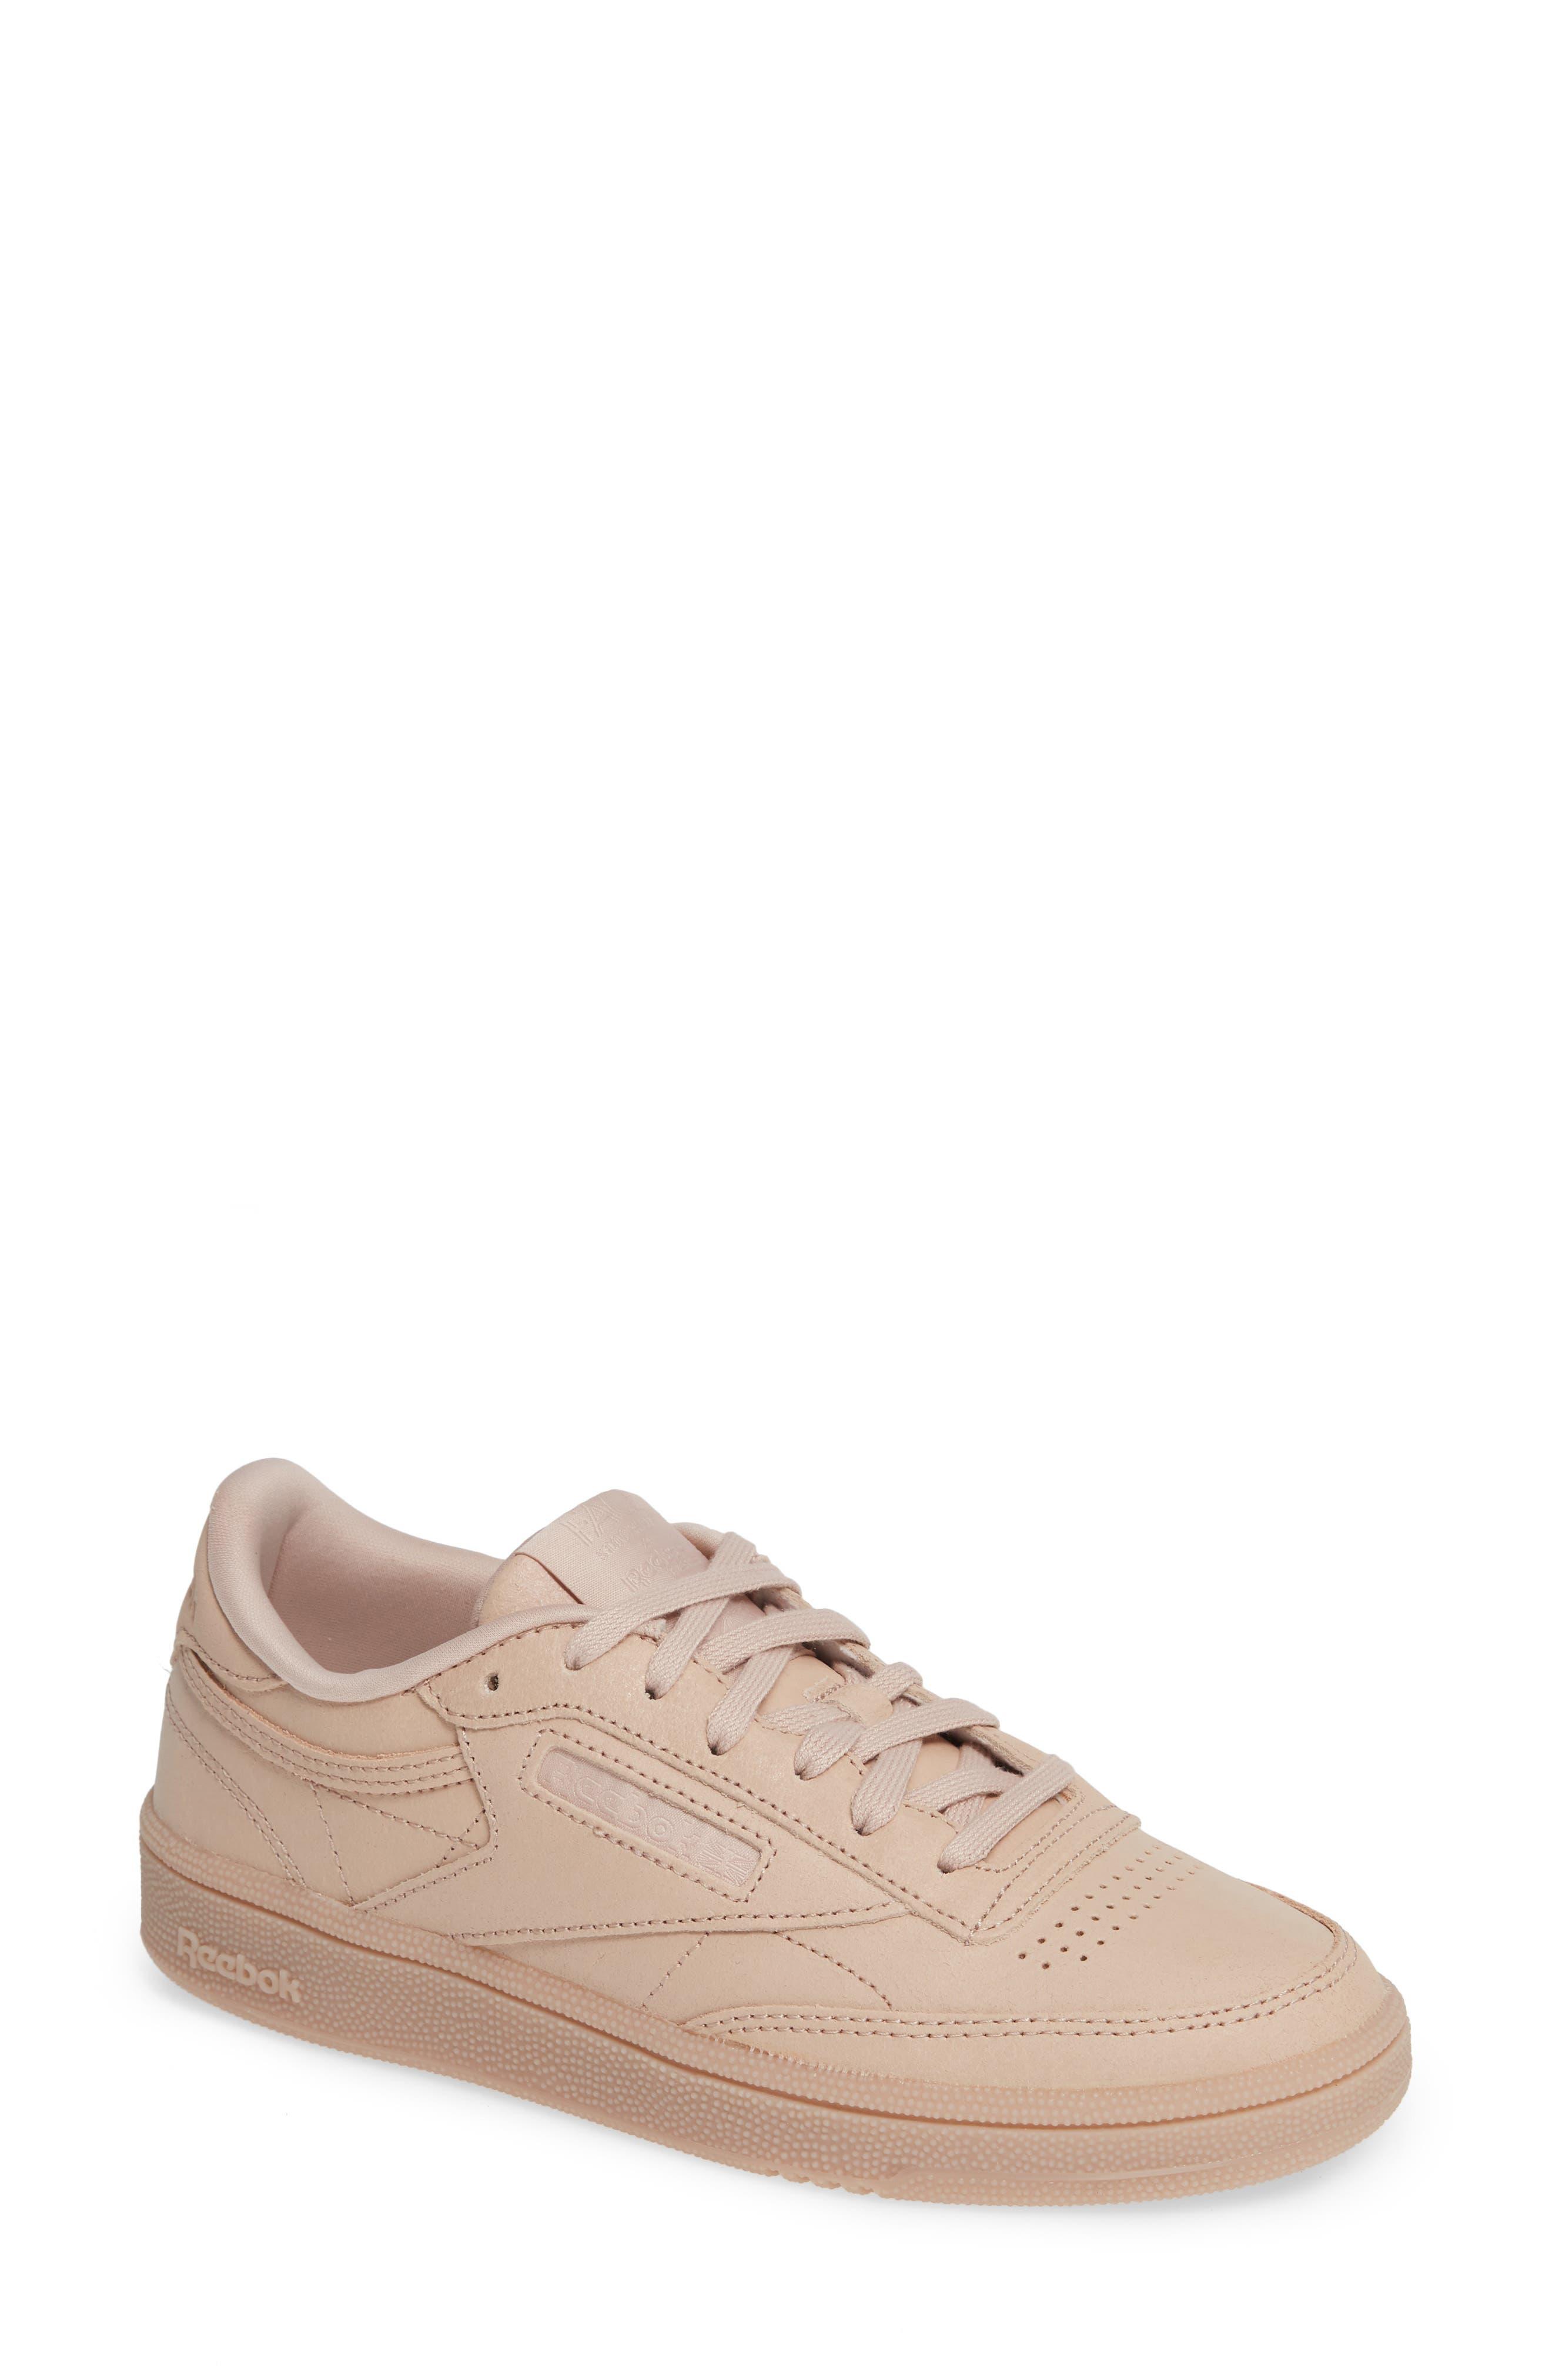 Club C 85 Sneaker,                         Main,                         color, BARE BEIGE/ WHITE